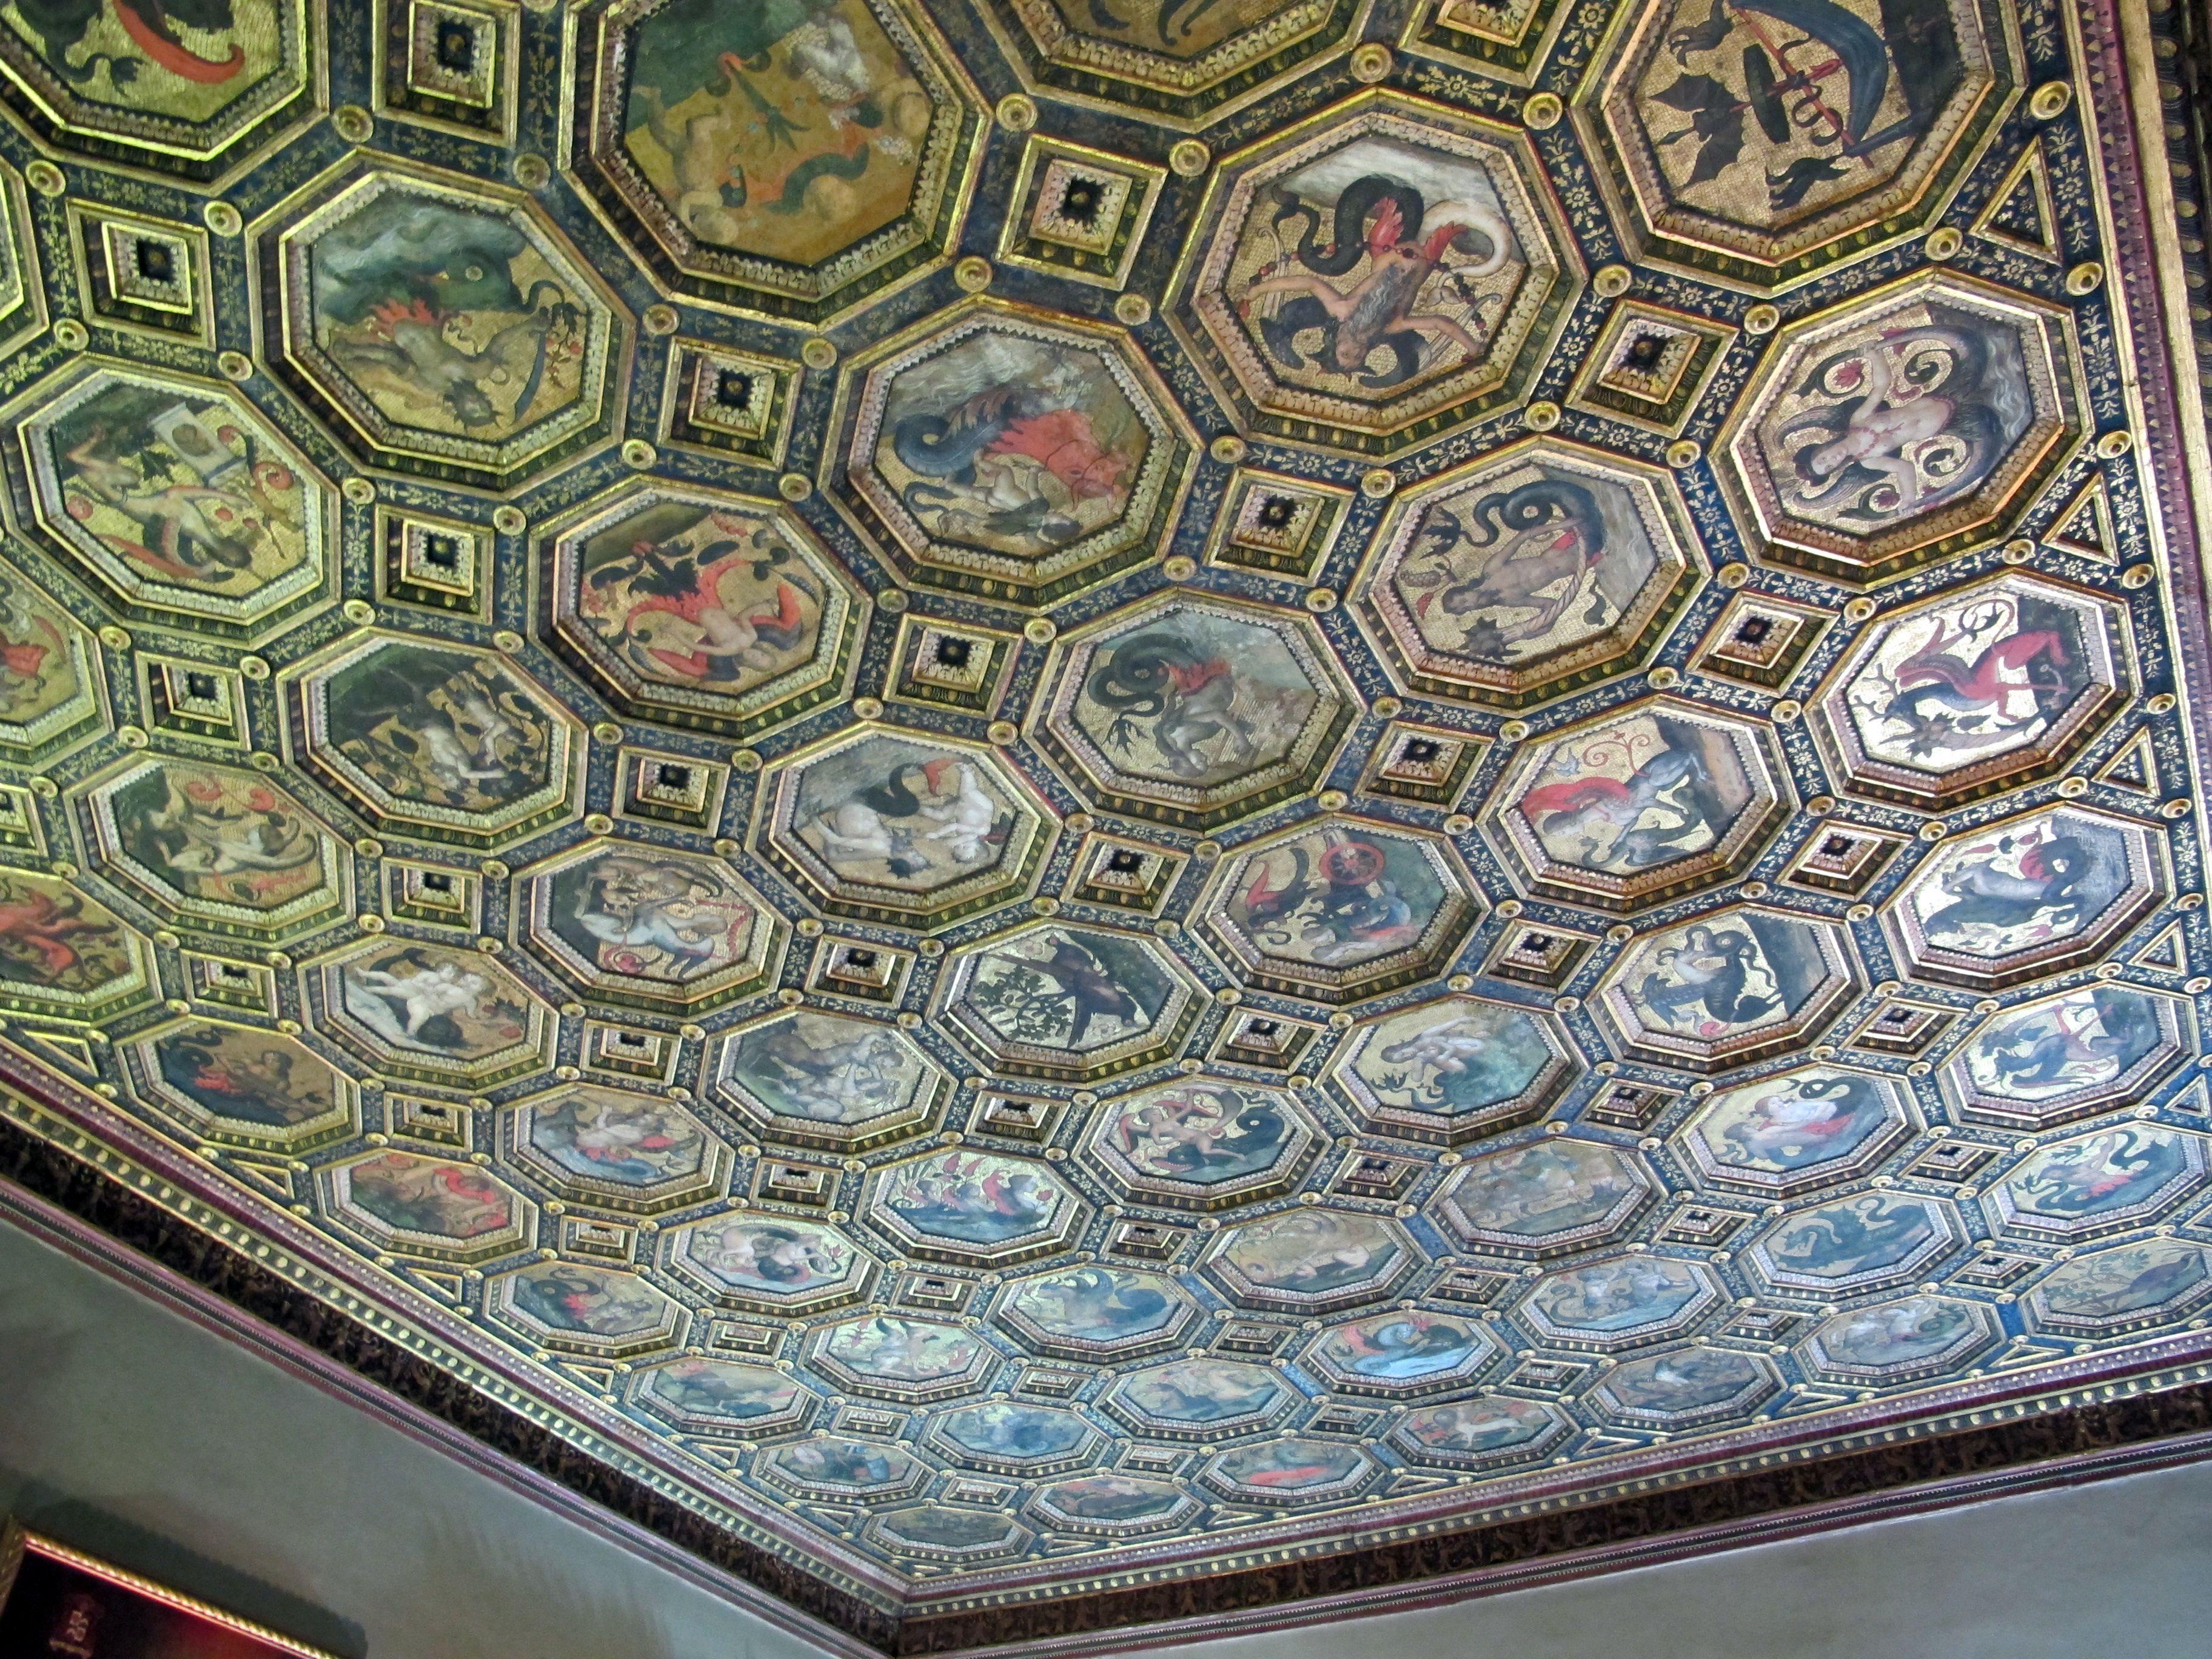 11 palazzo della rovere semi gods ceiling the semi gods ceiling palazzo della rovere semi gods ceiling the semi gods ceiling